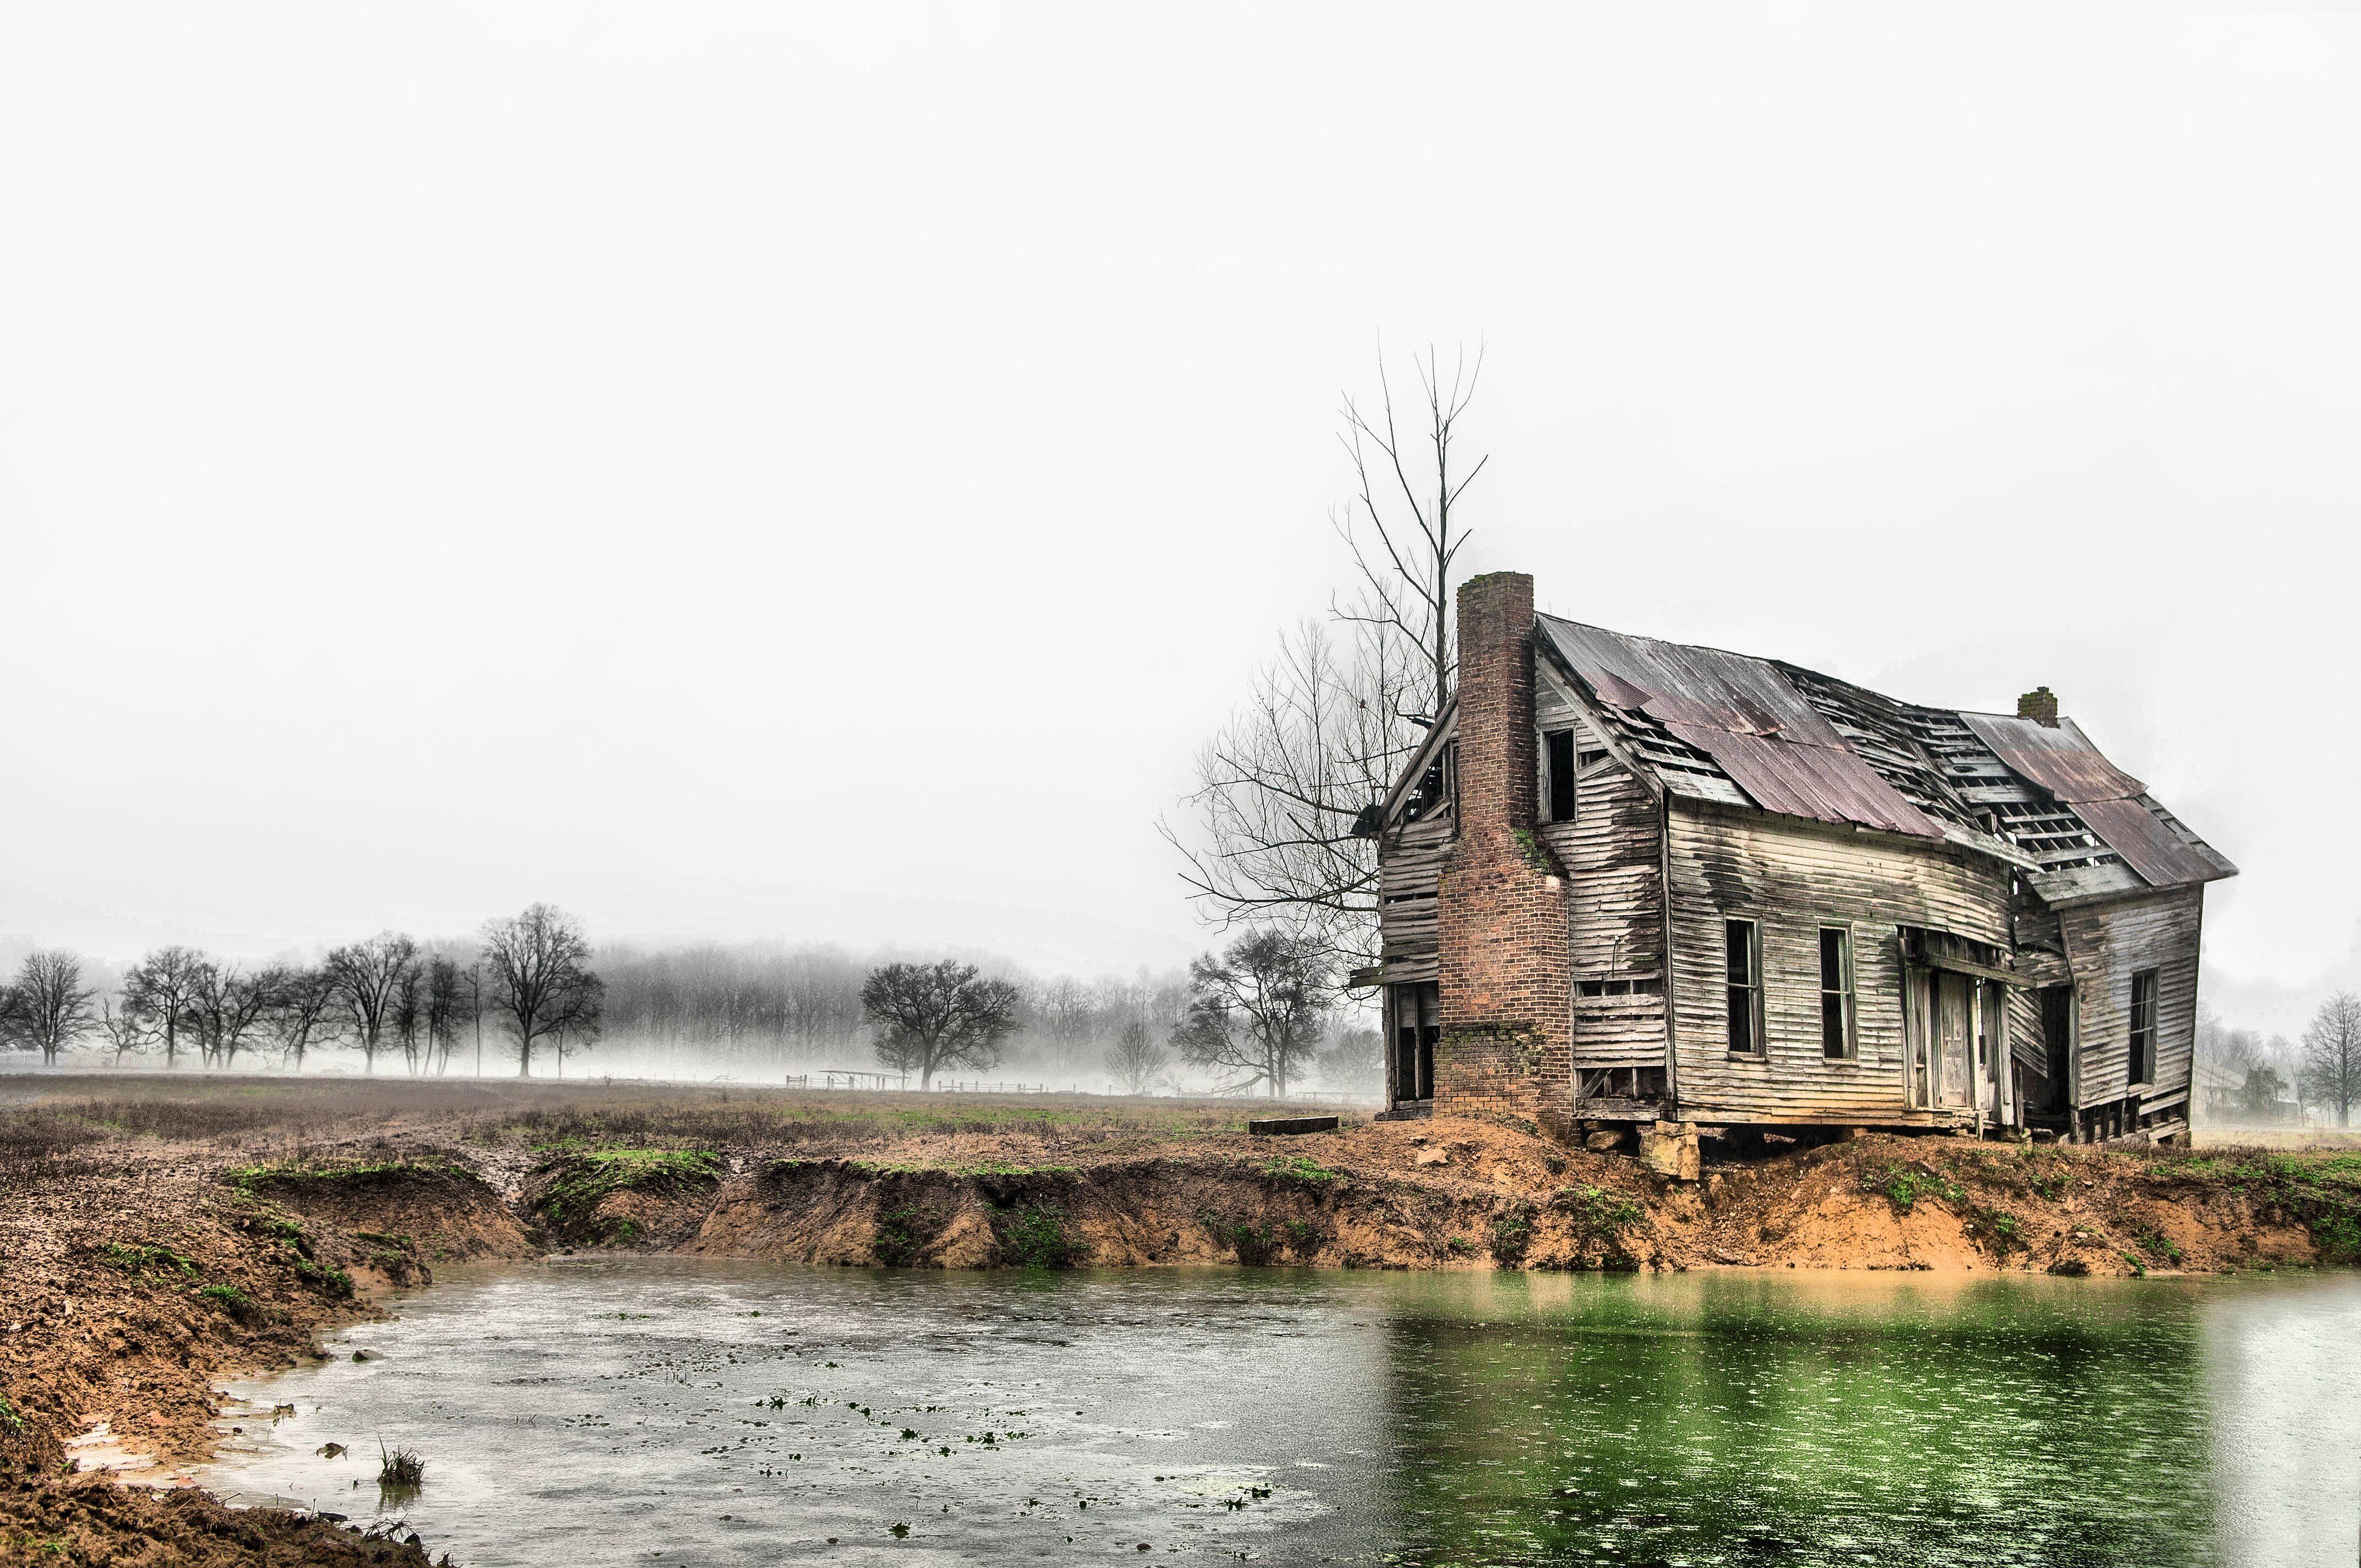 gammelt hus ved dam mot himmelen